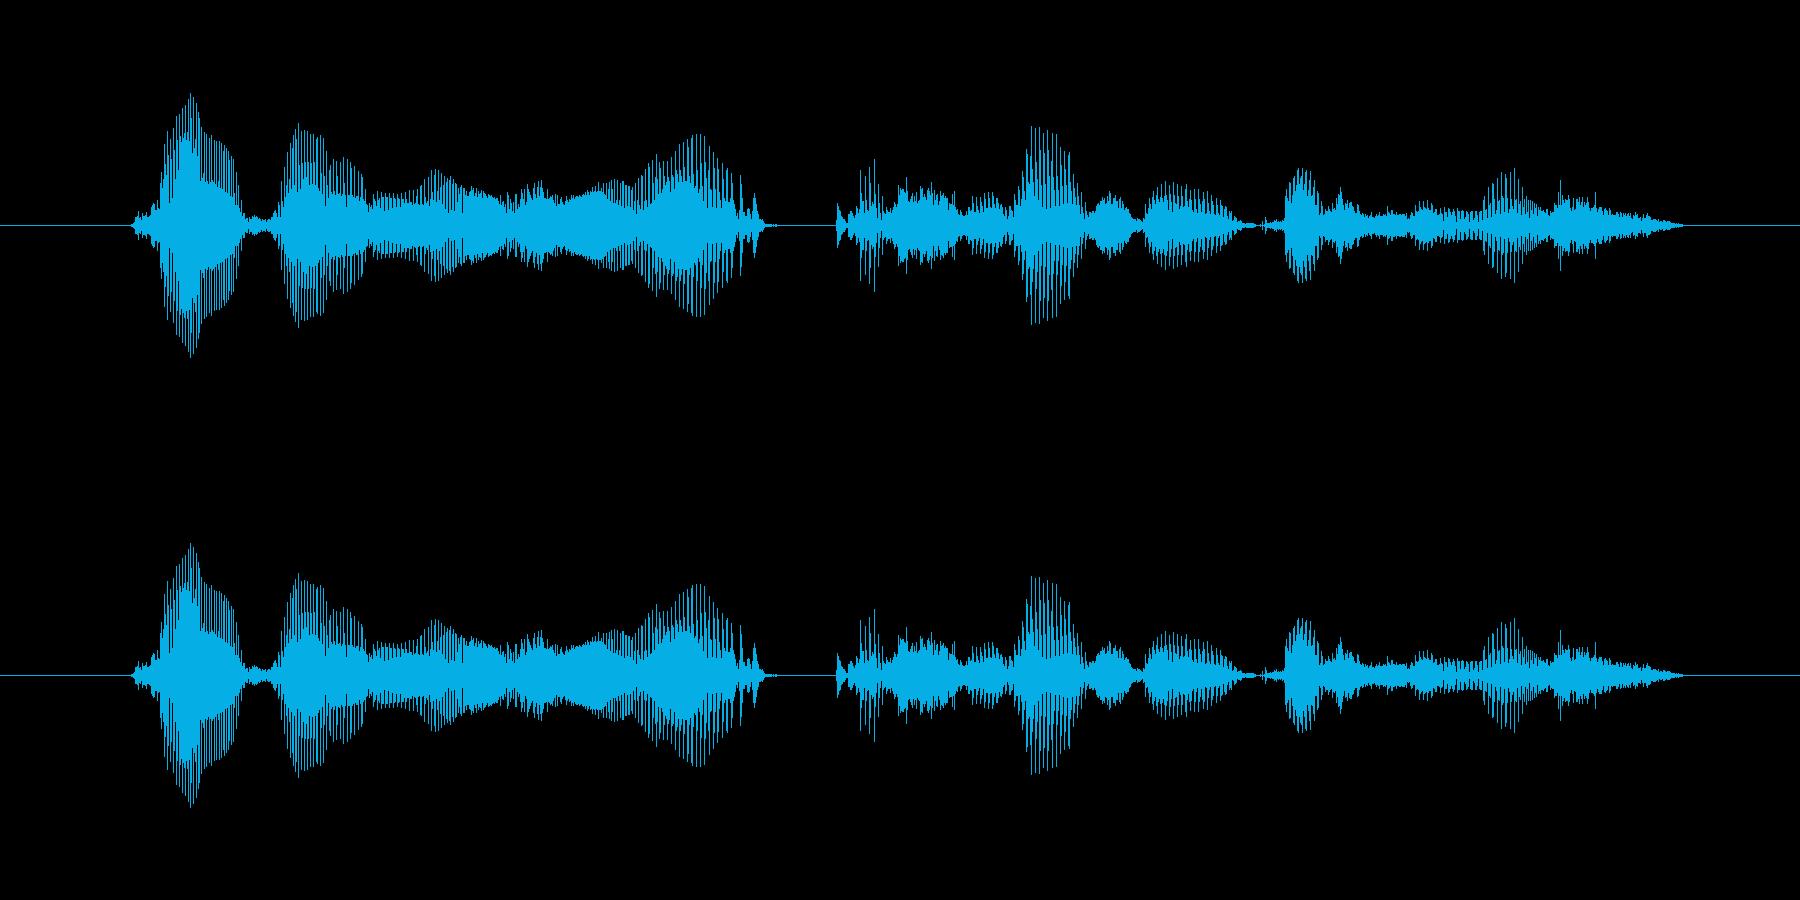 【時報・時間】午後2時を、お知らせいた…の再生済みの波形